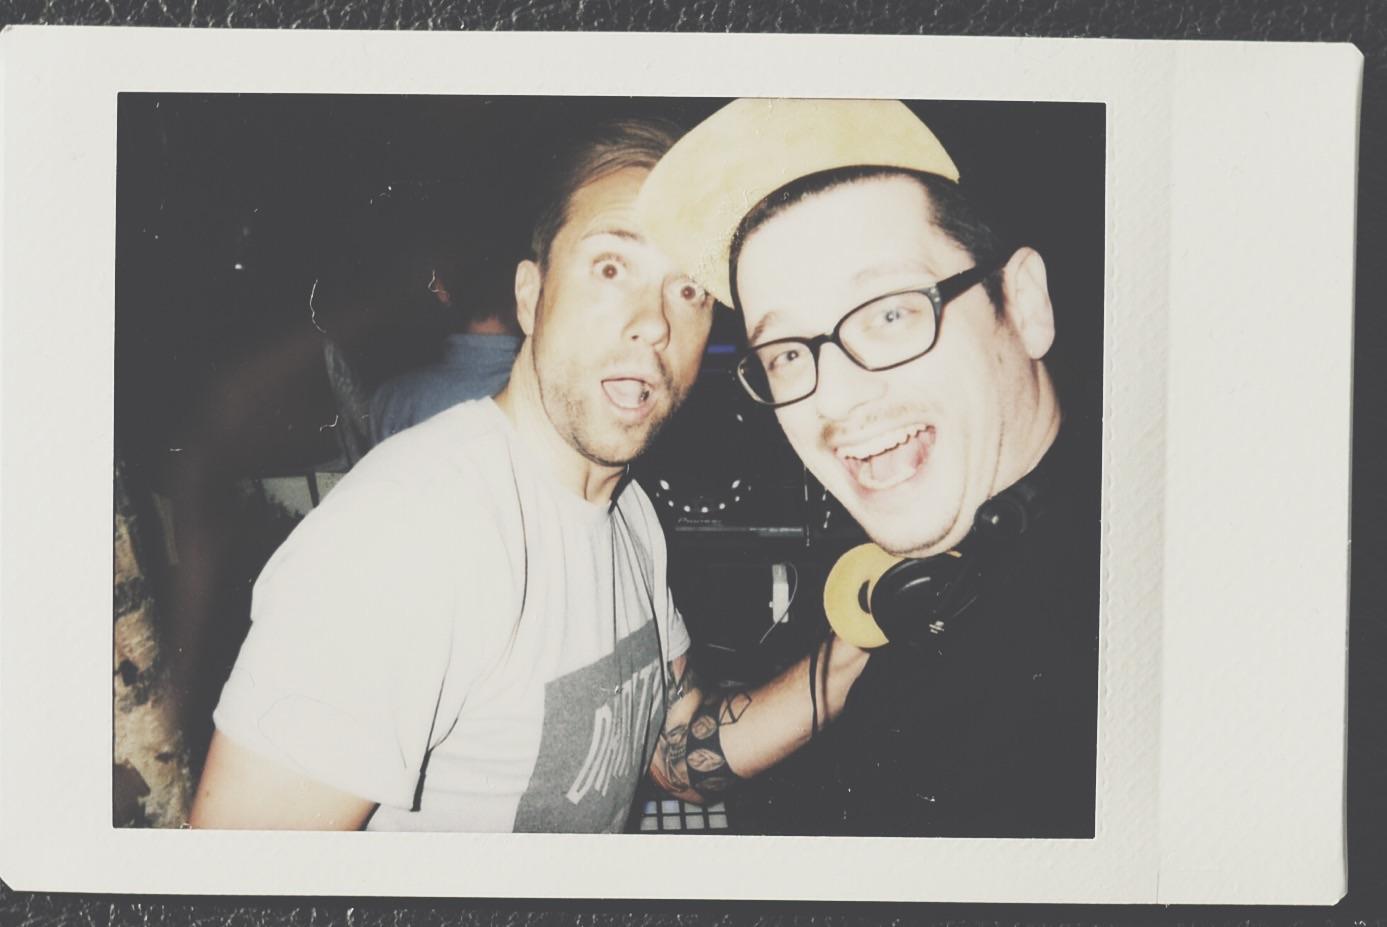 Dirk Siedhoff und The Wollium Selfie